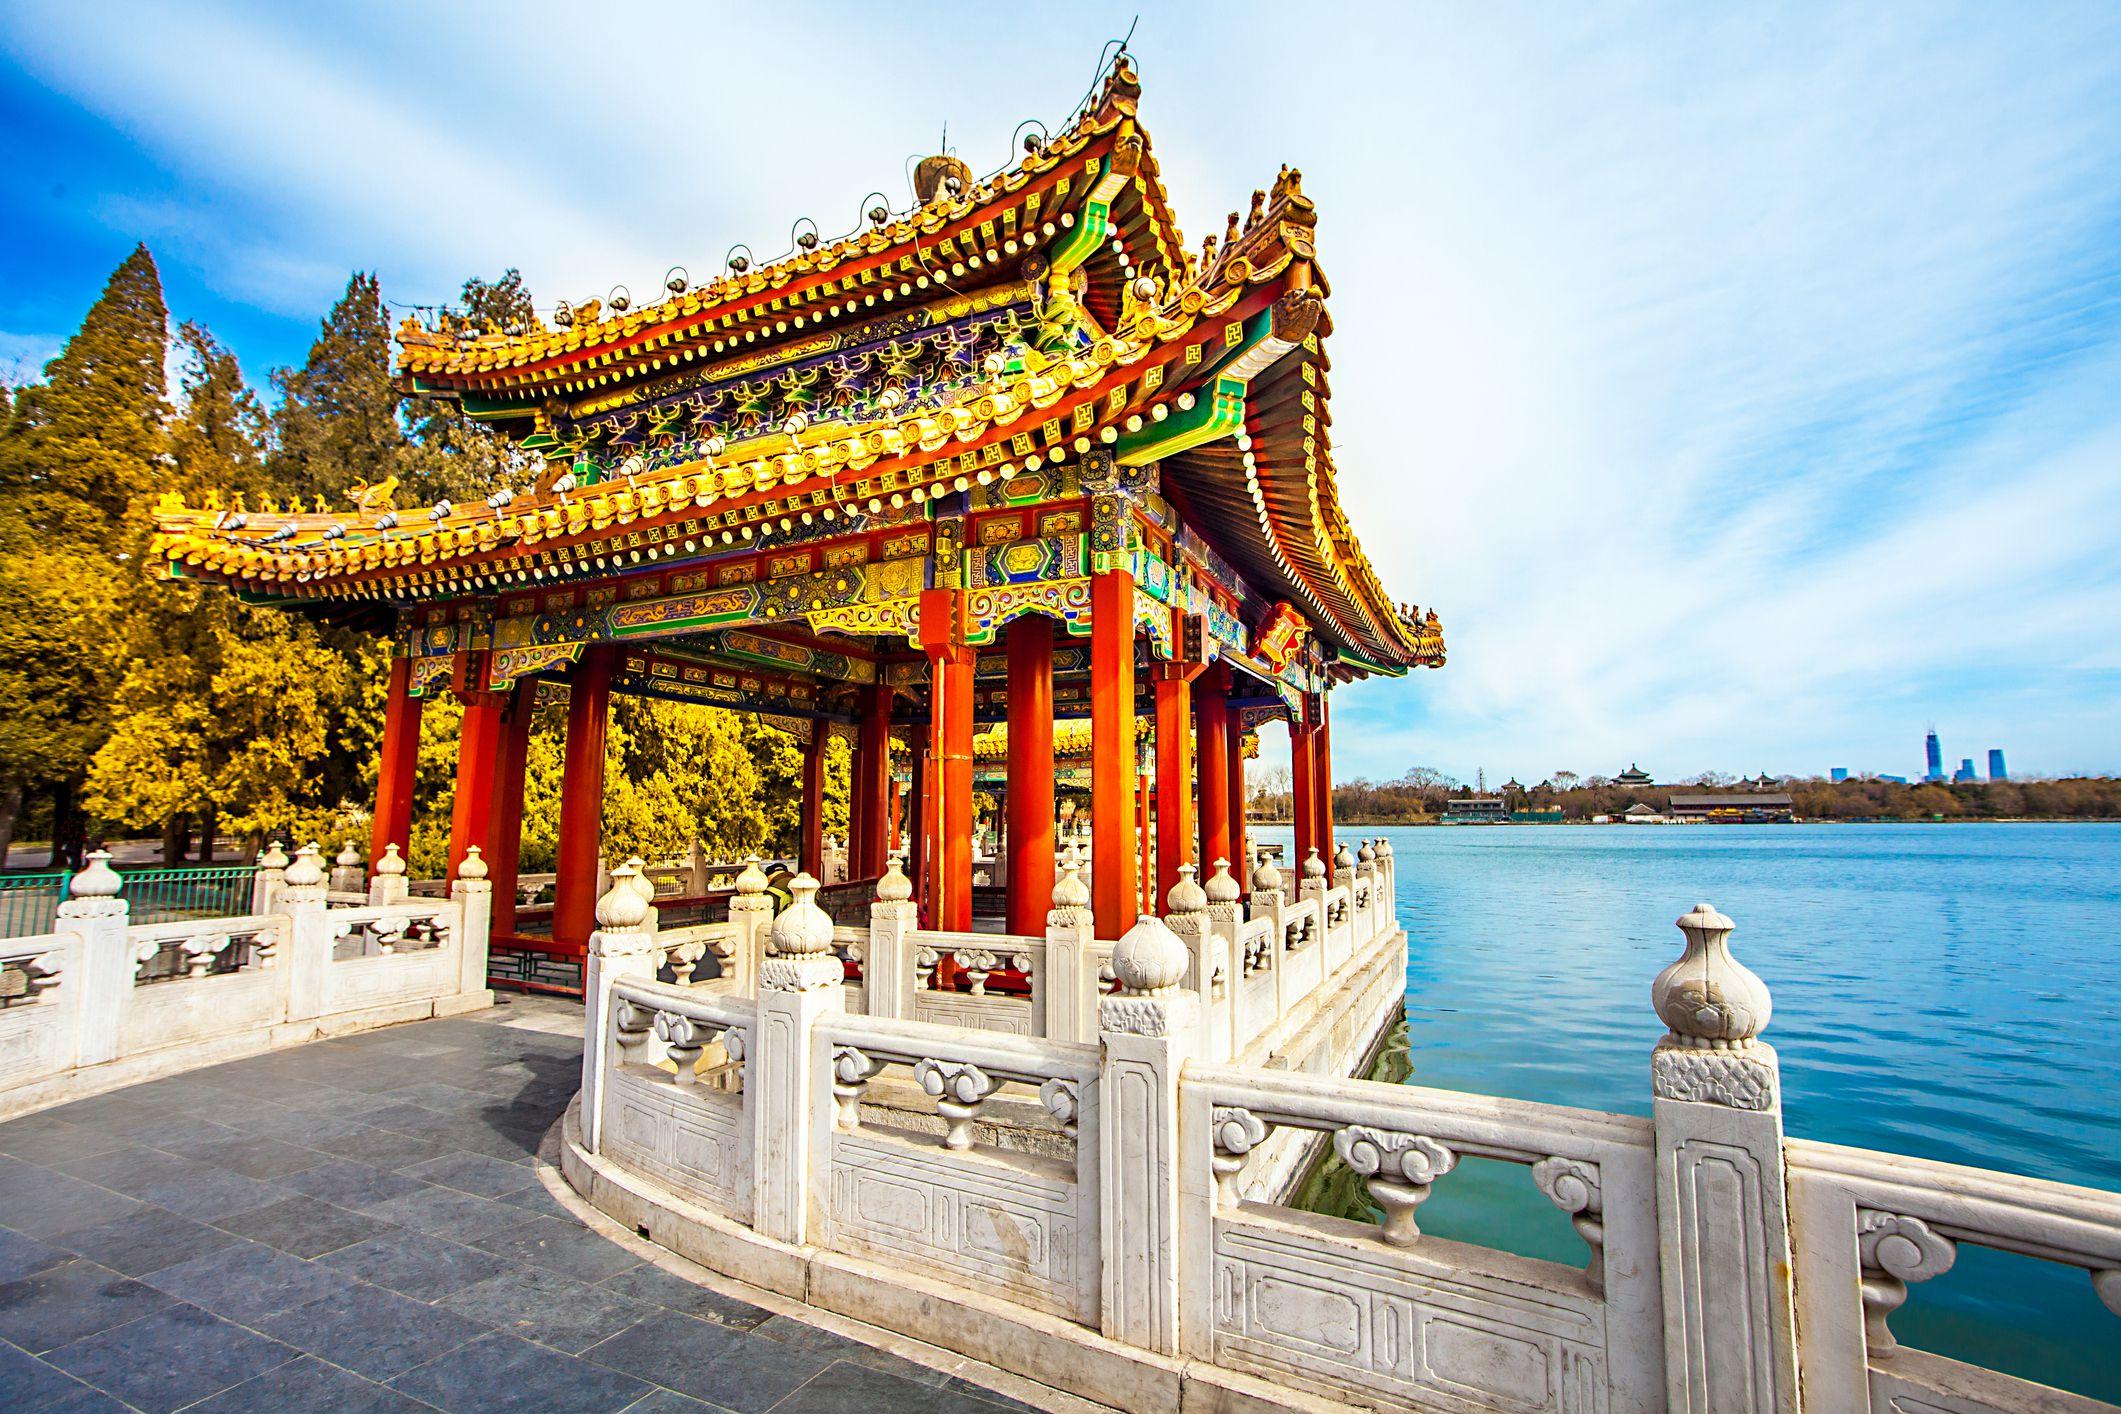 Beihai Park in Beijing China